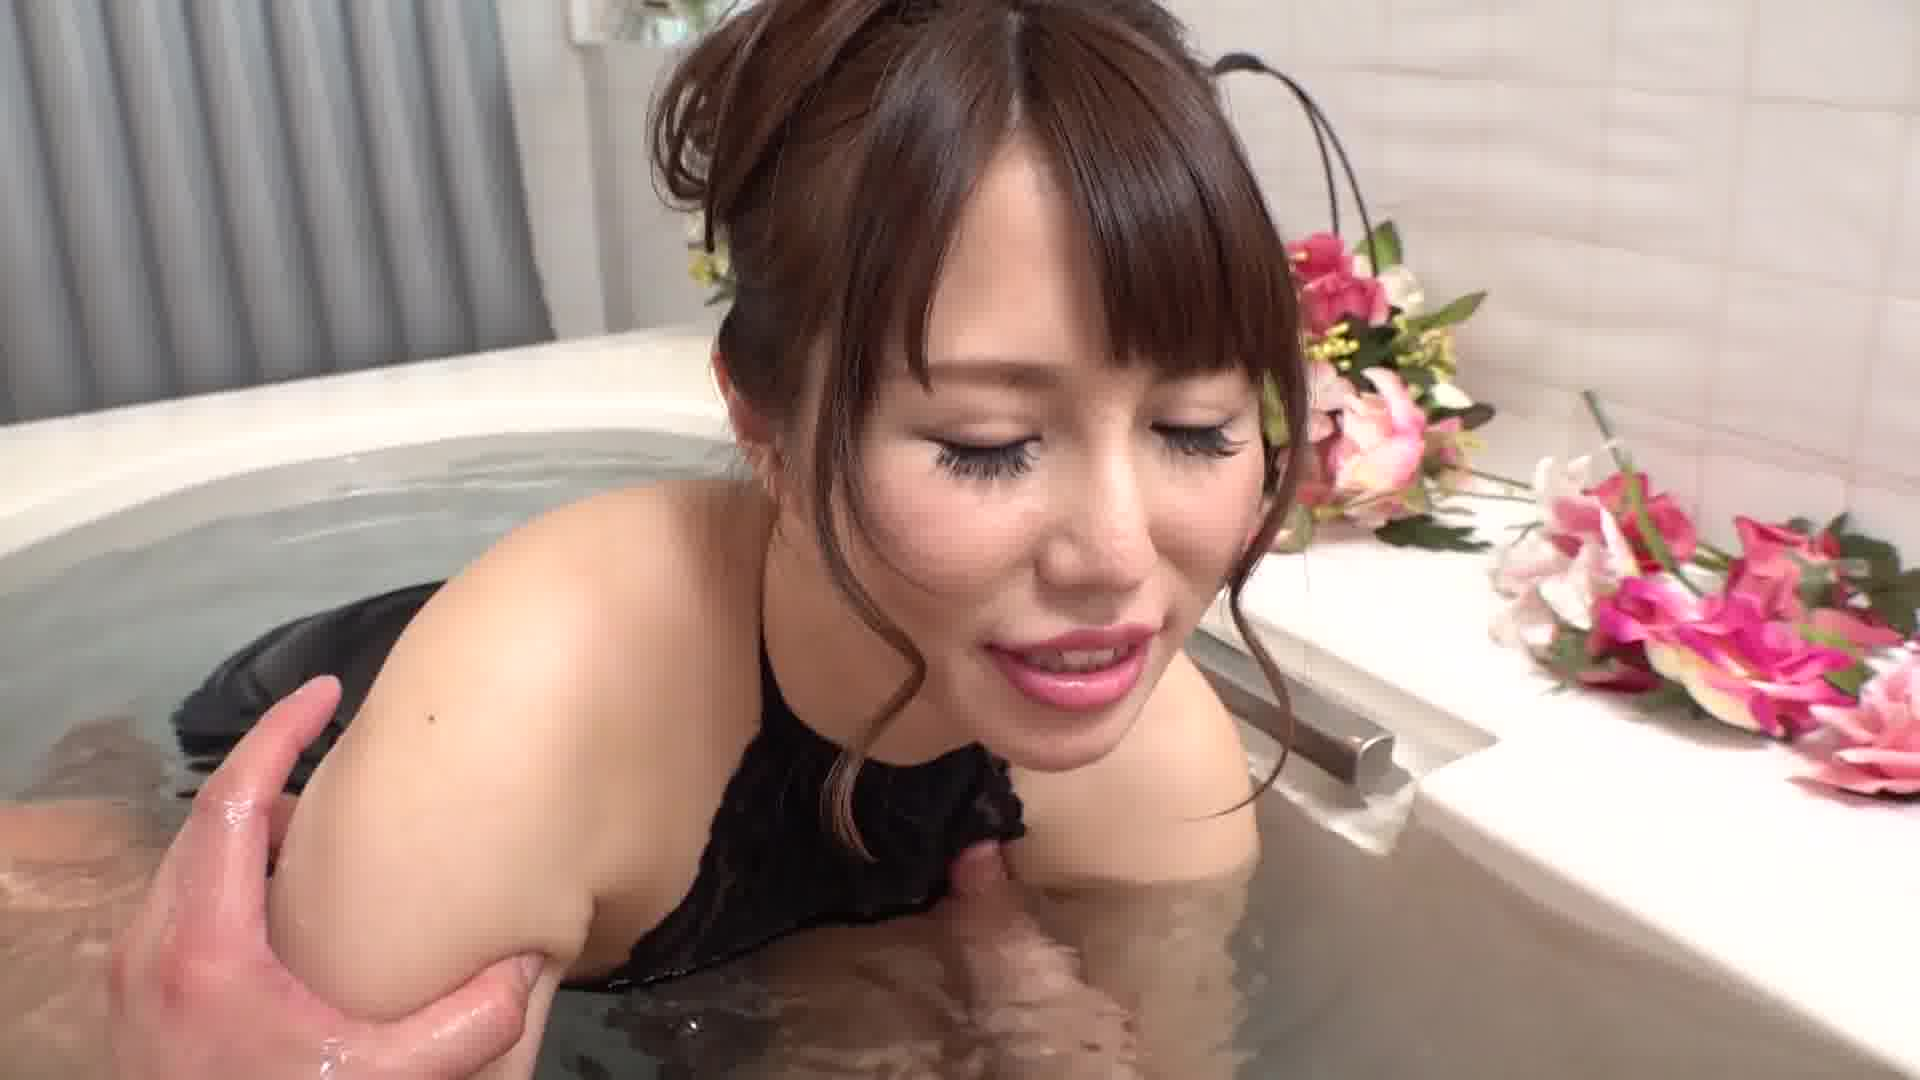 極上泡姫物語 Vol.89 - 紗倉みゆき【パイパン・美尻・中出し】